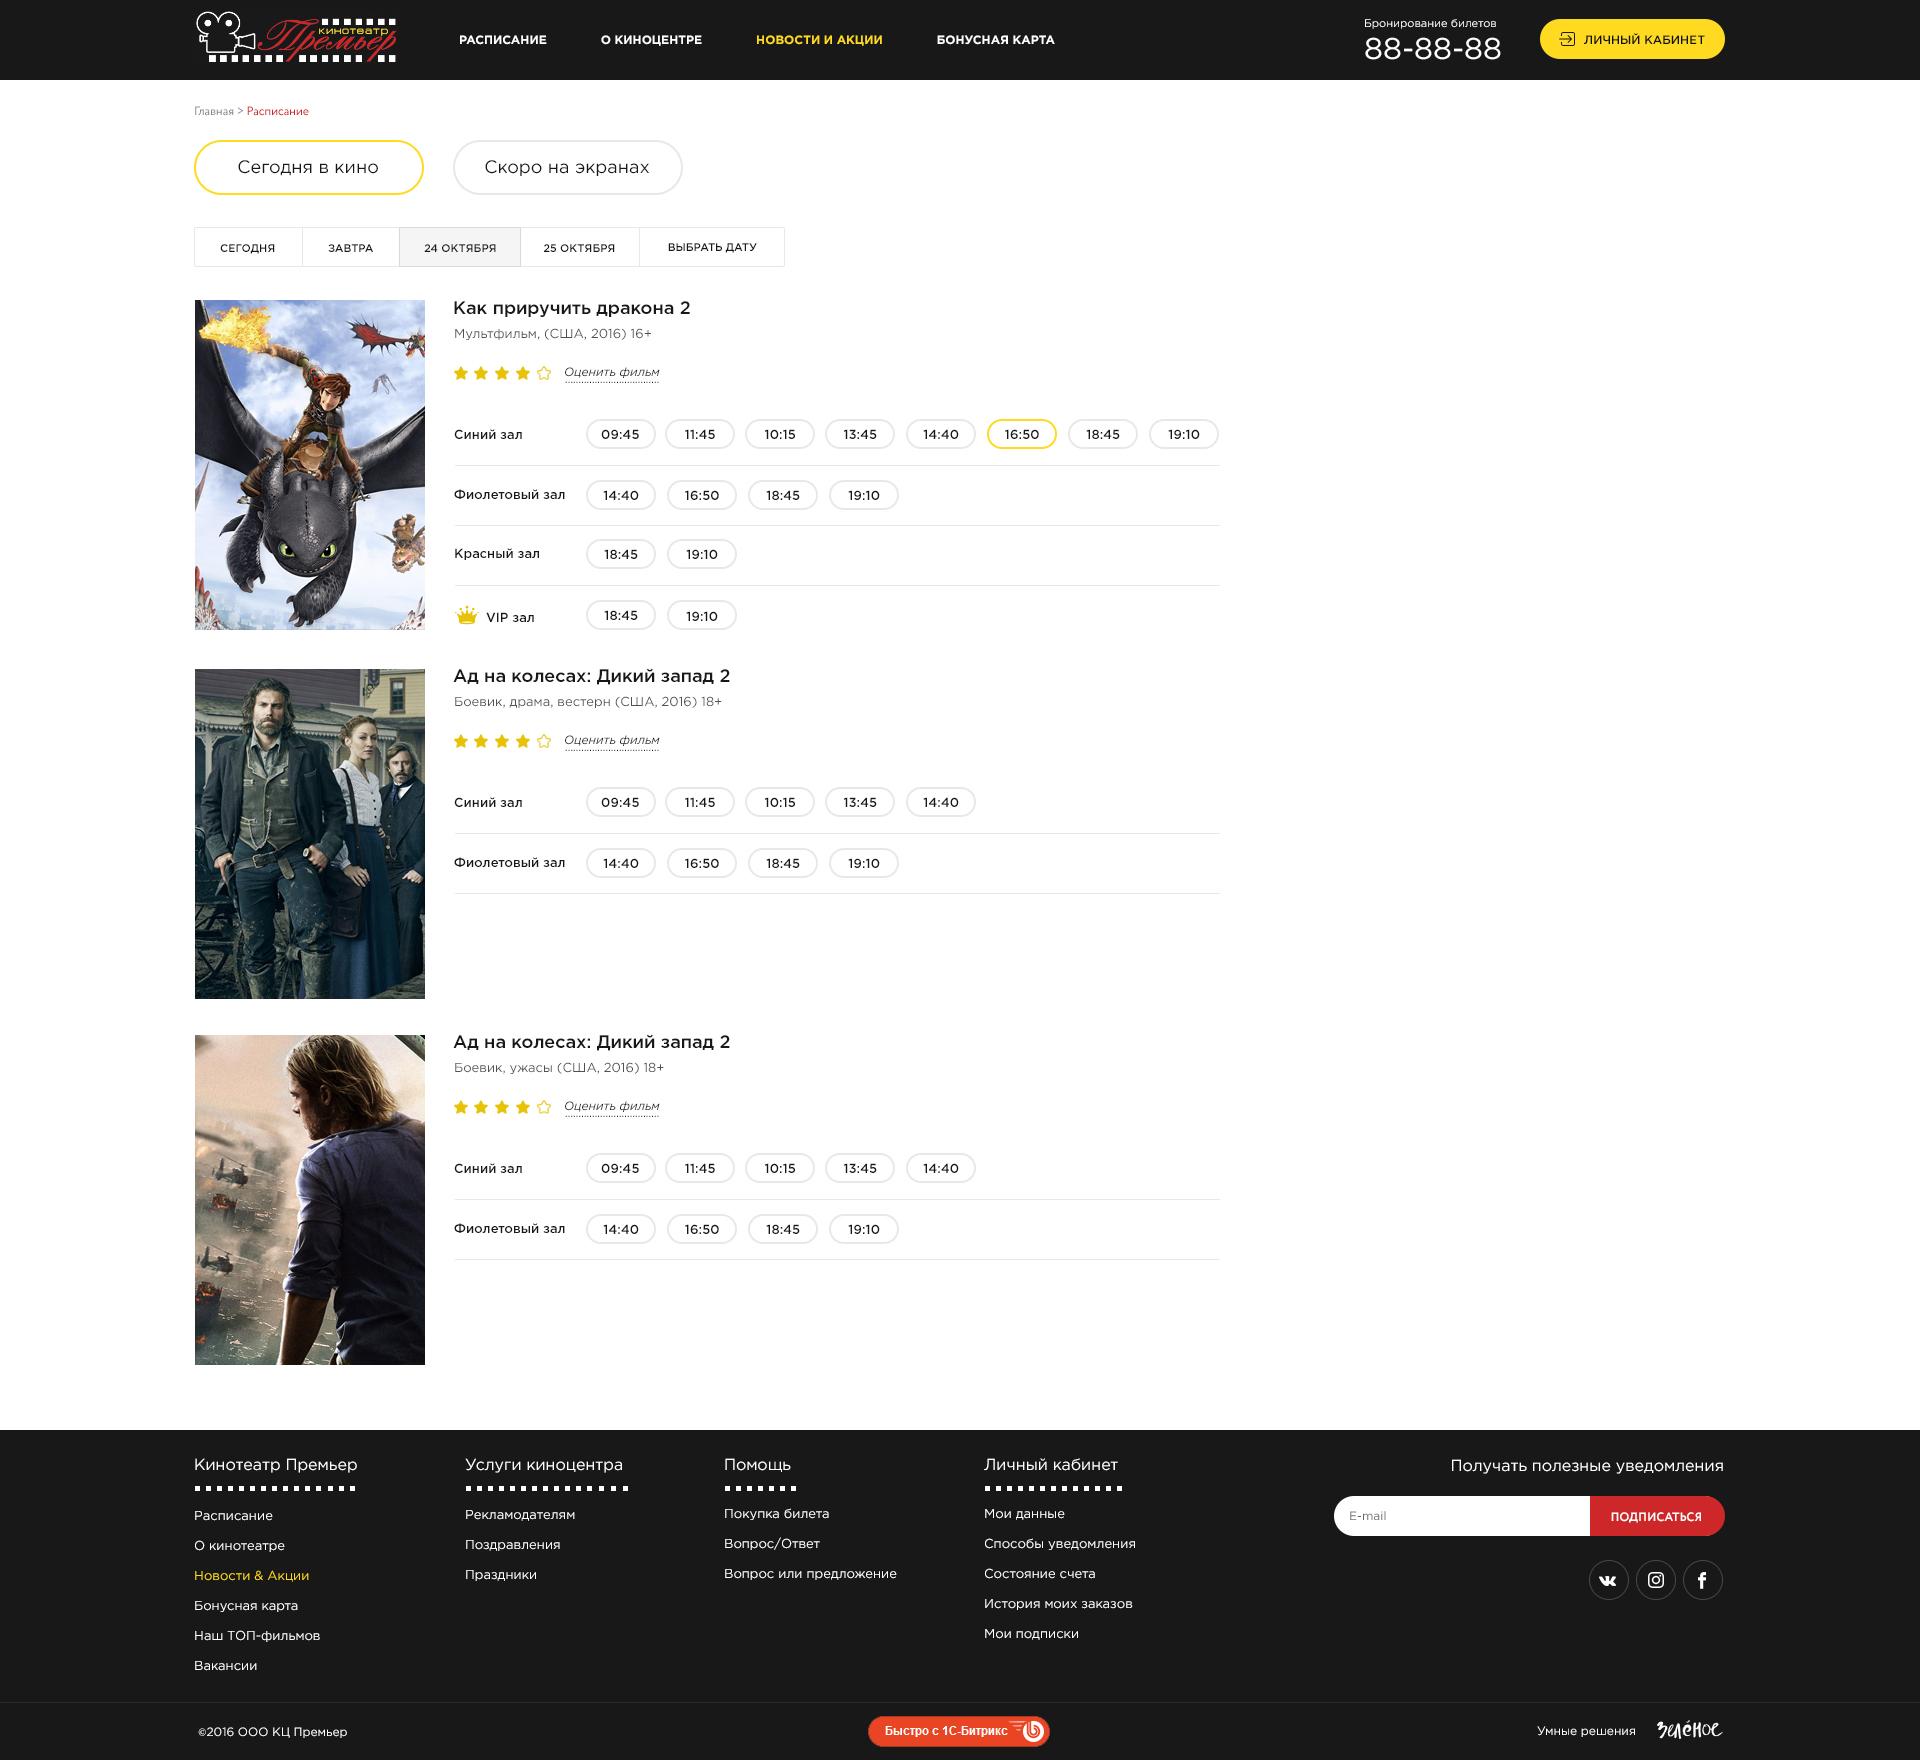 Разработка дизайна-сервиса для  Хабаровского кинотеатра Премьер.